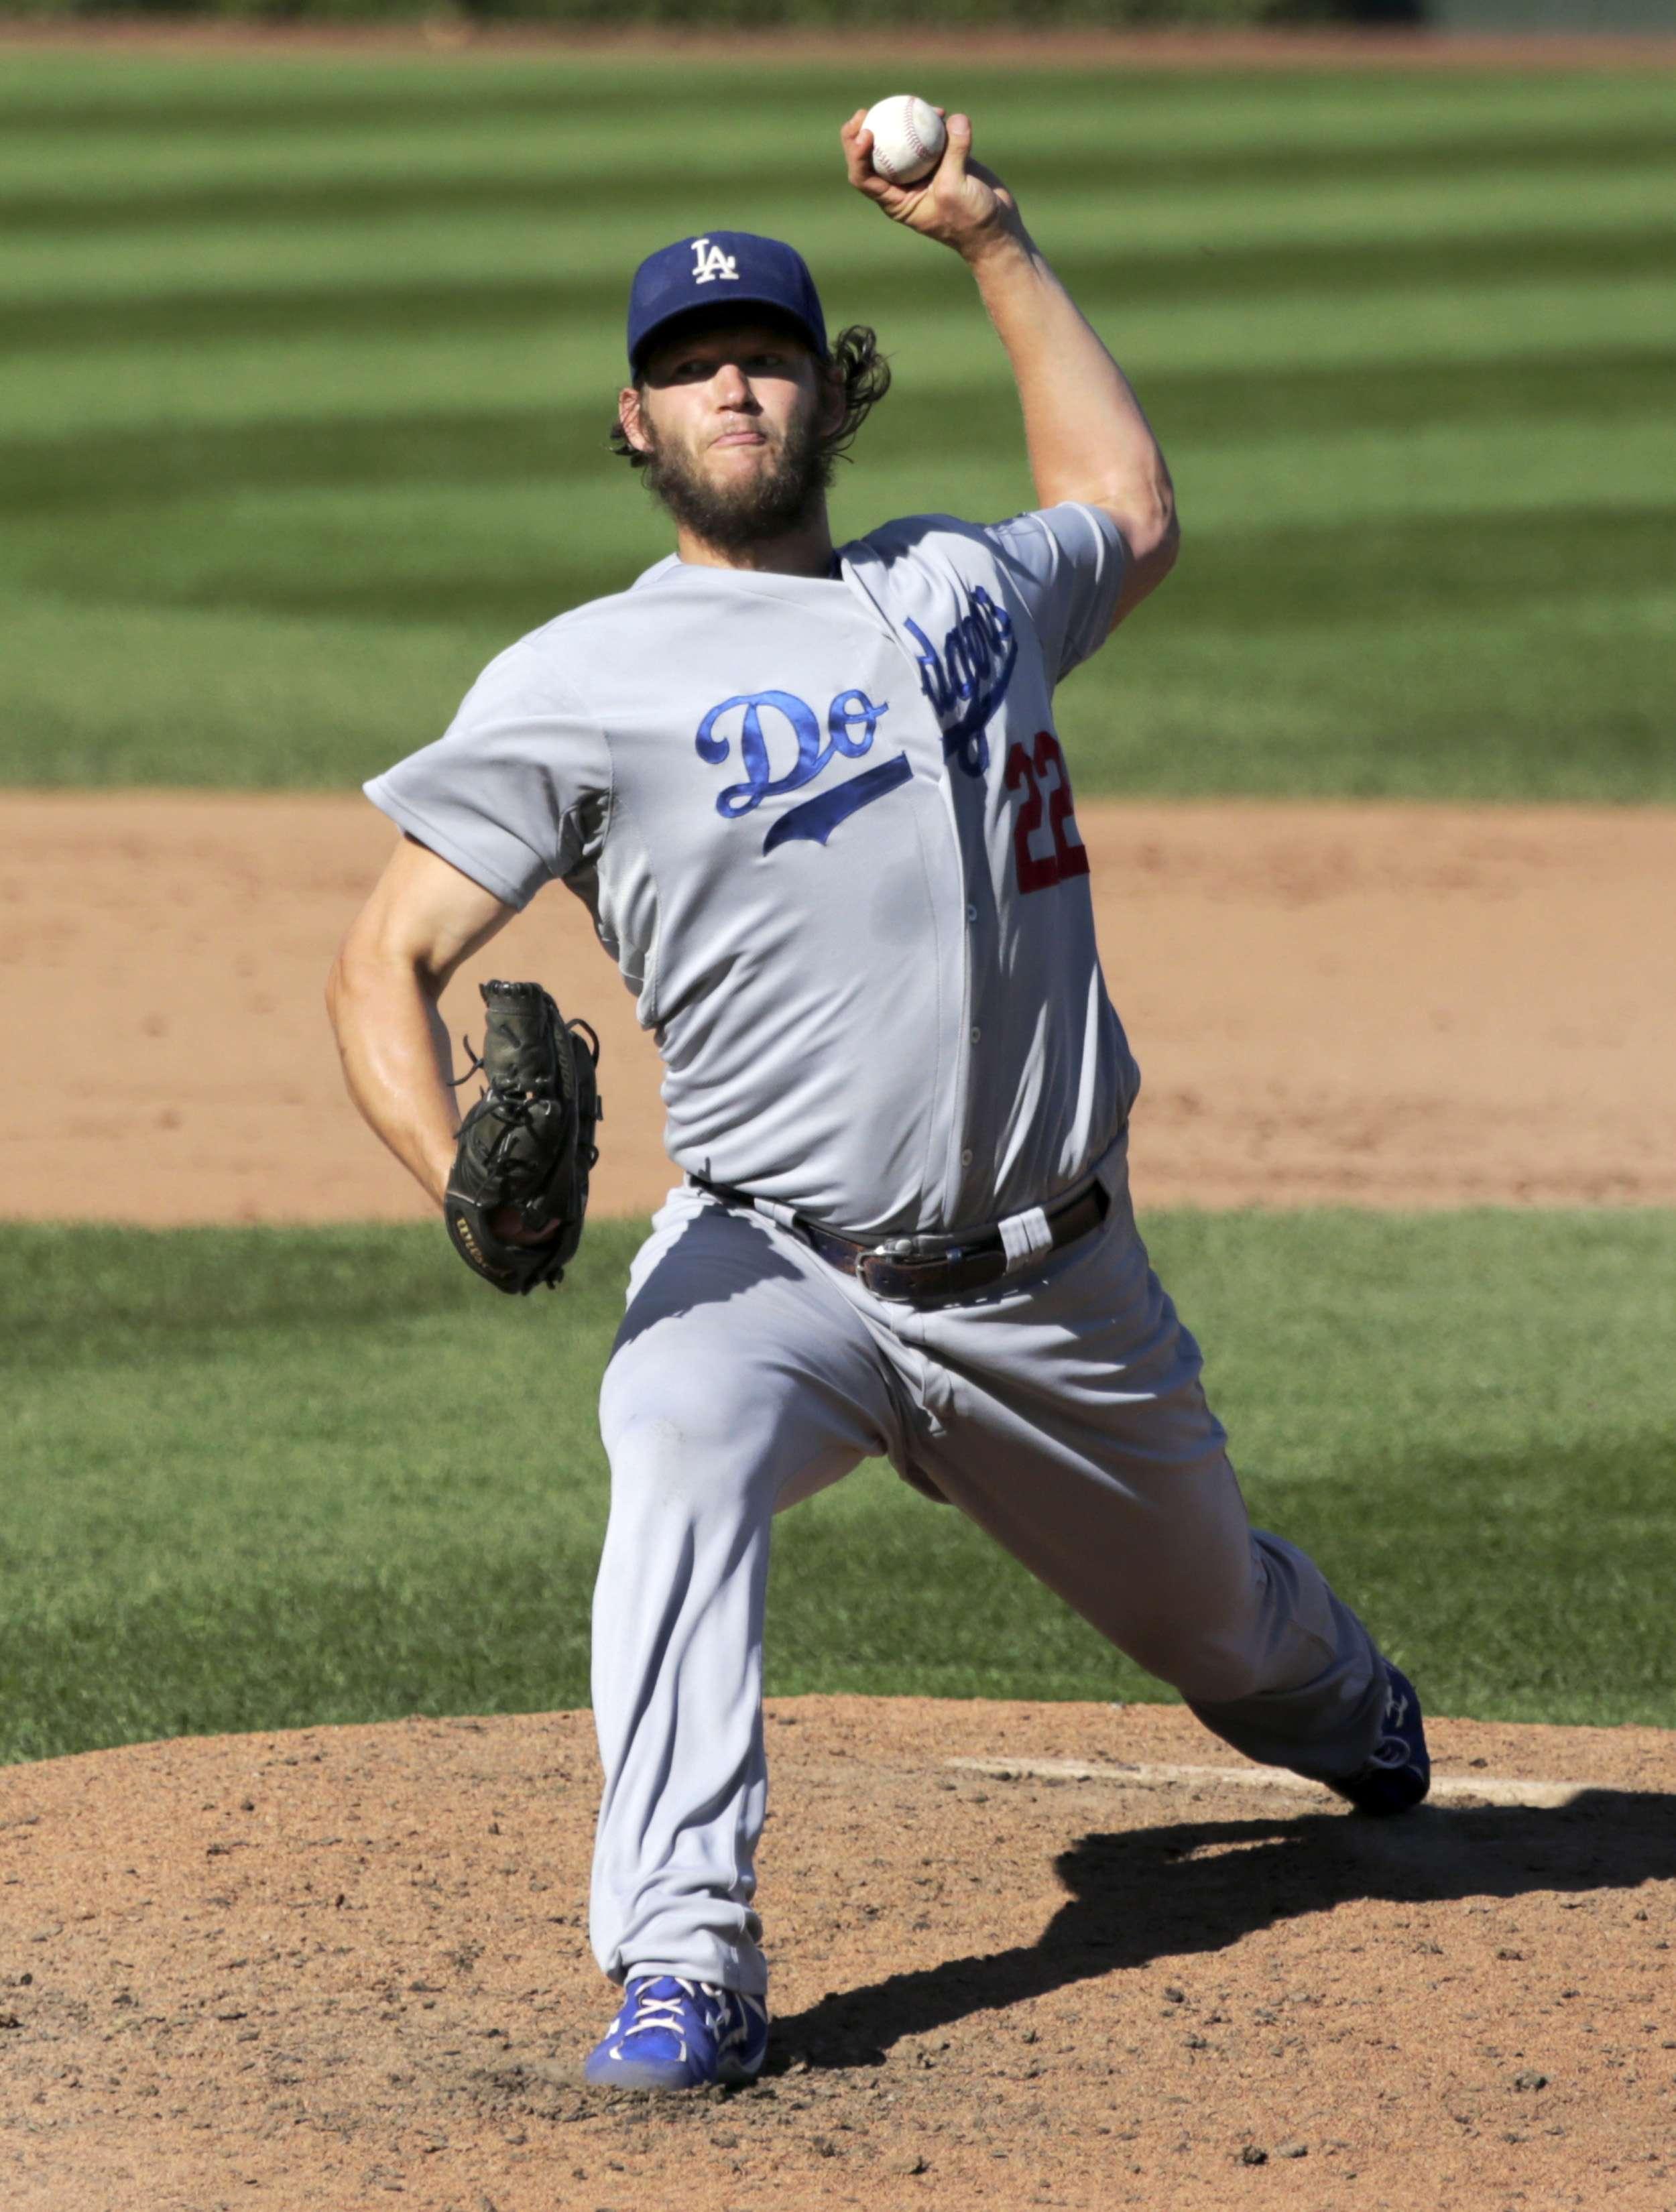 Clayton Kershaw es el mejor lanzador de las Grandes Ligas y candidato a Jugador Más Valioso de la campaña. Foto: AP